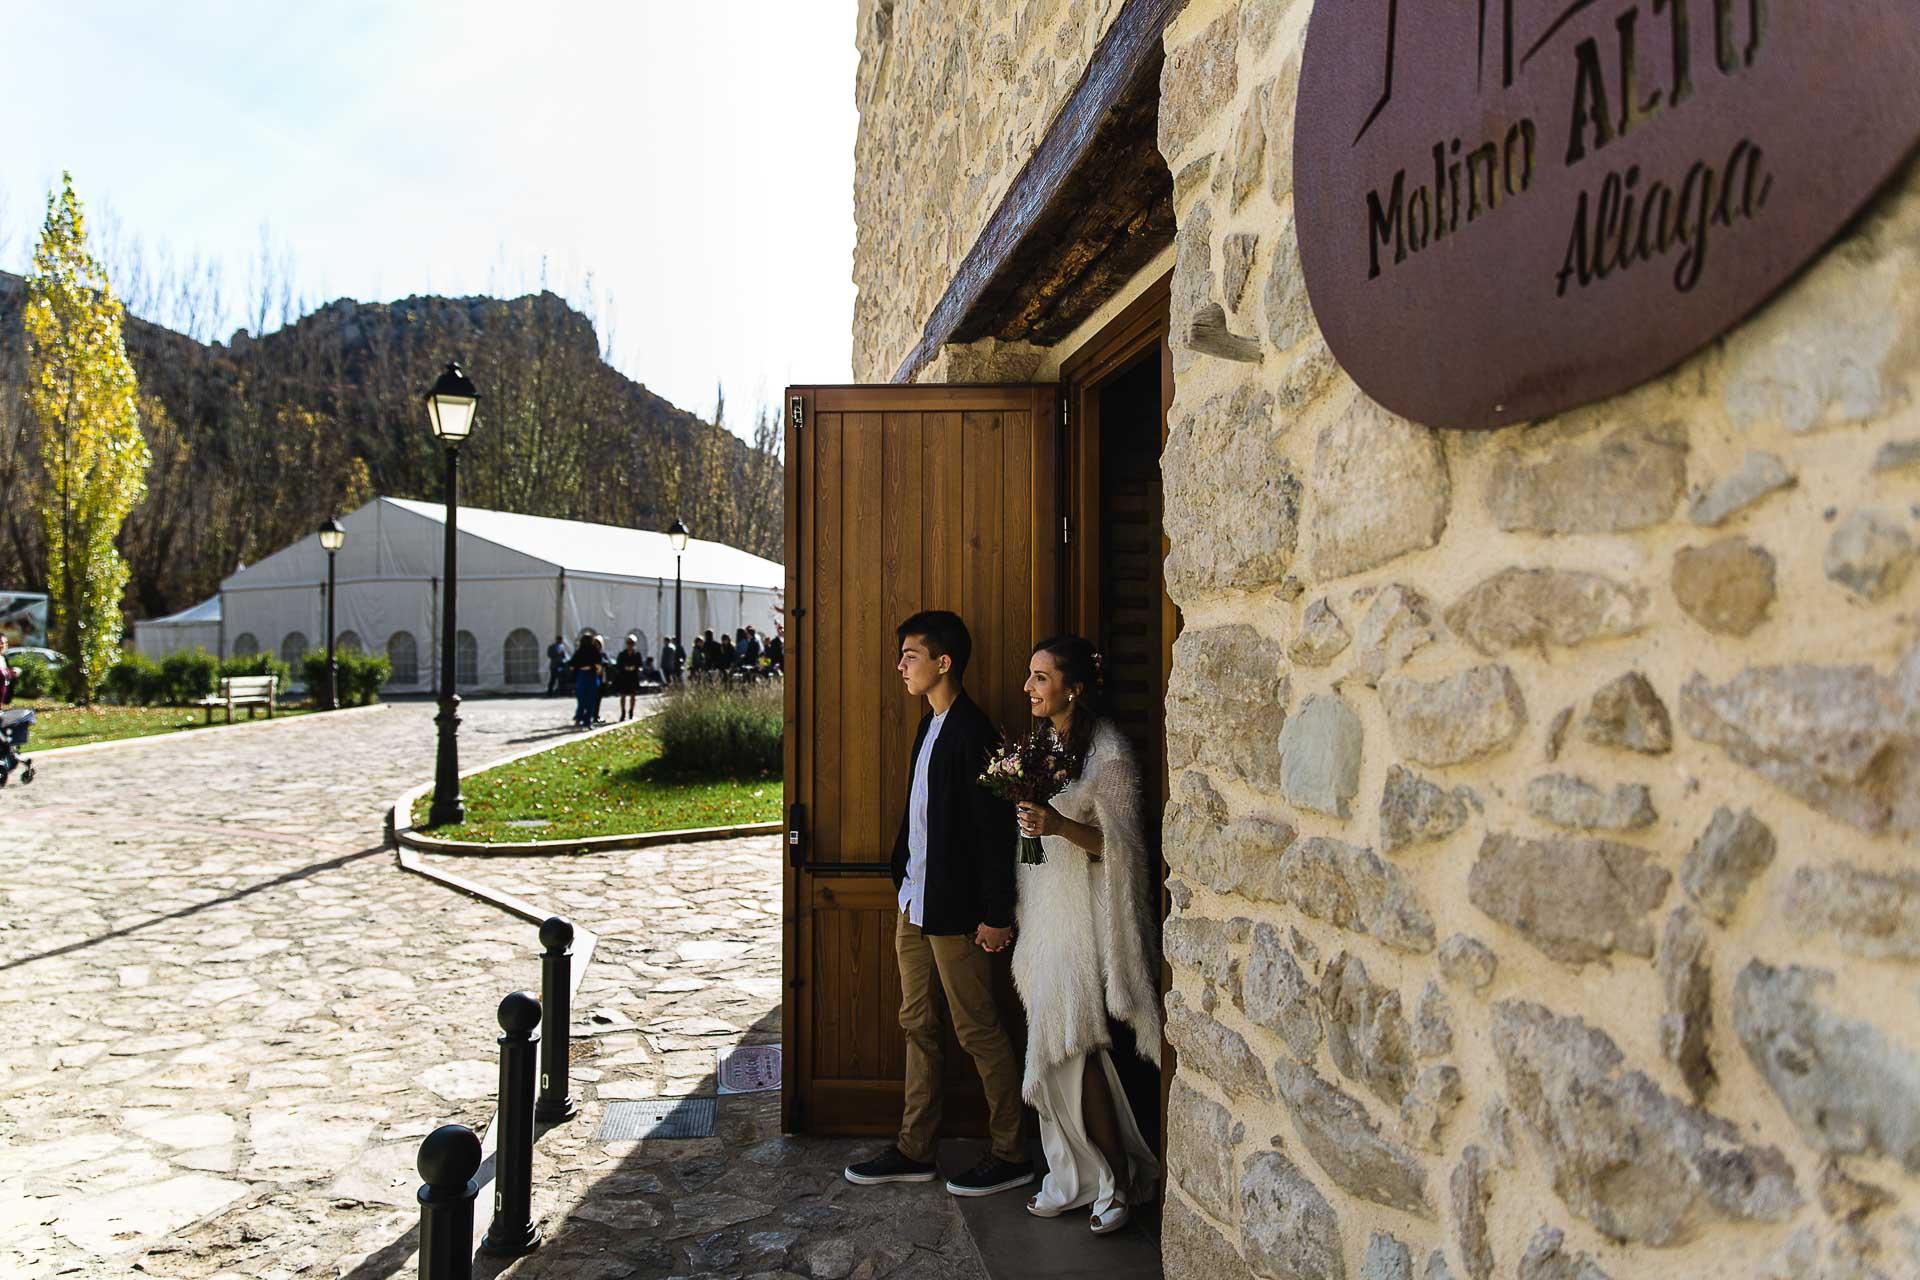 Boda en el Molino Alto, Aliaga, Teruel Novia